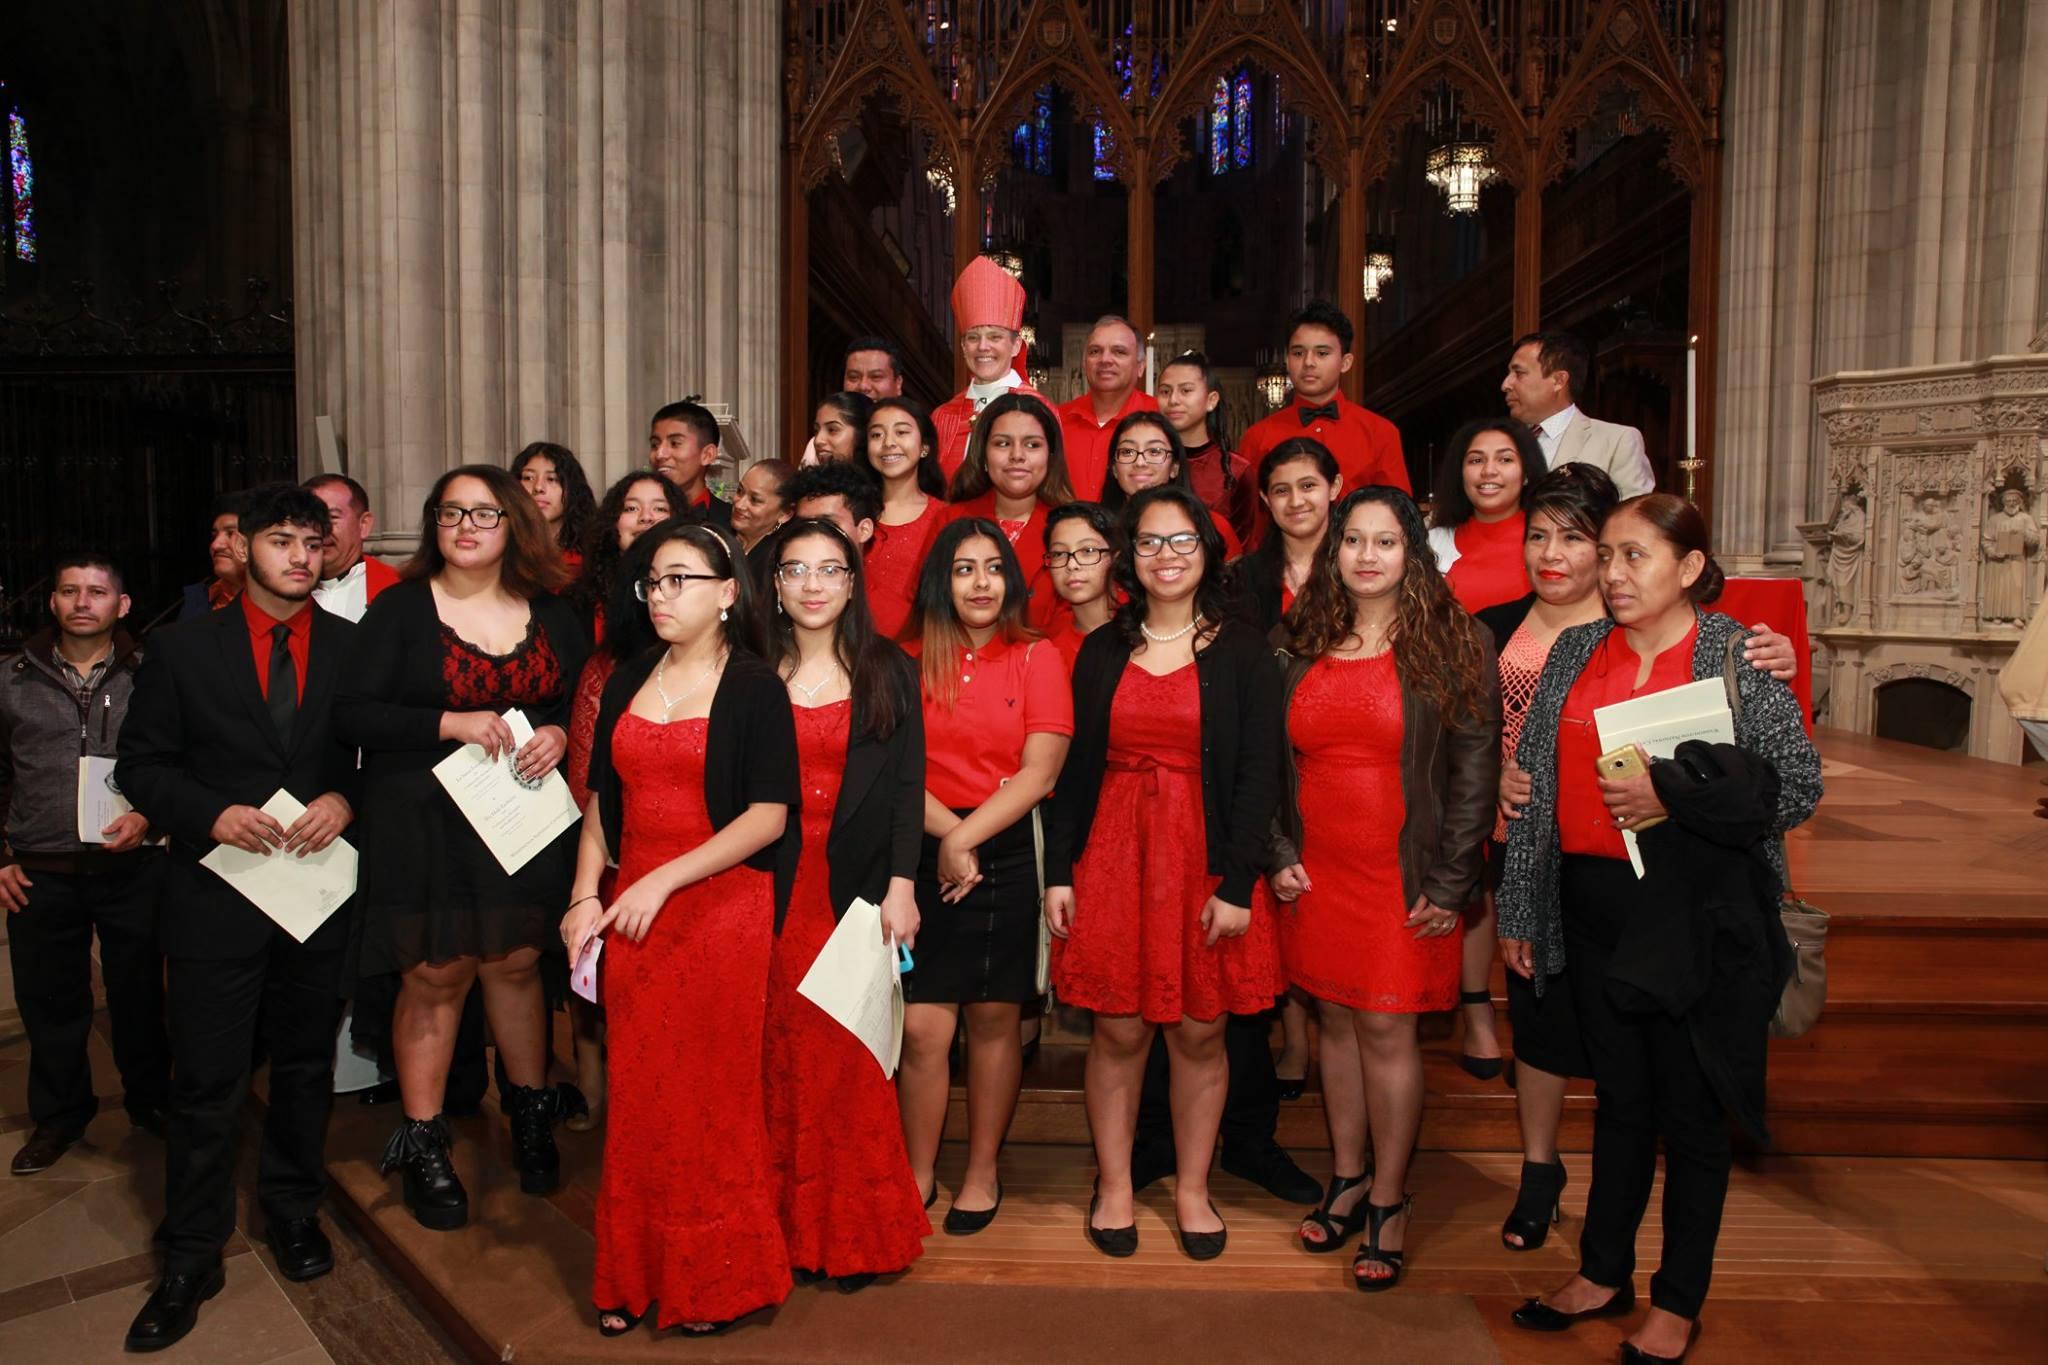 Confirmations at Washington National Cathedral, November 2016